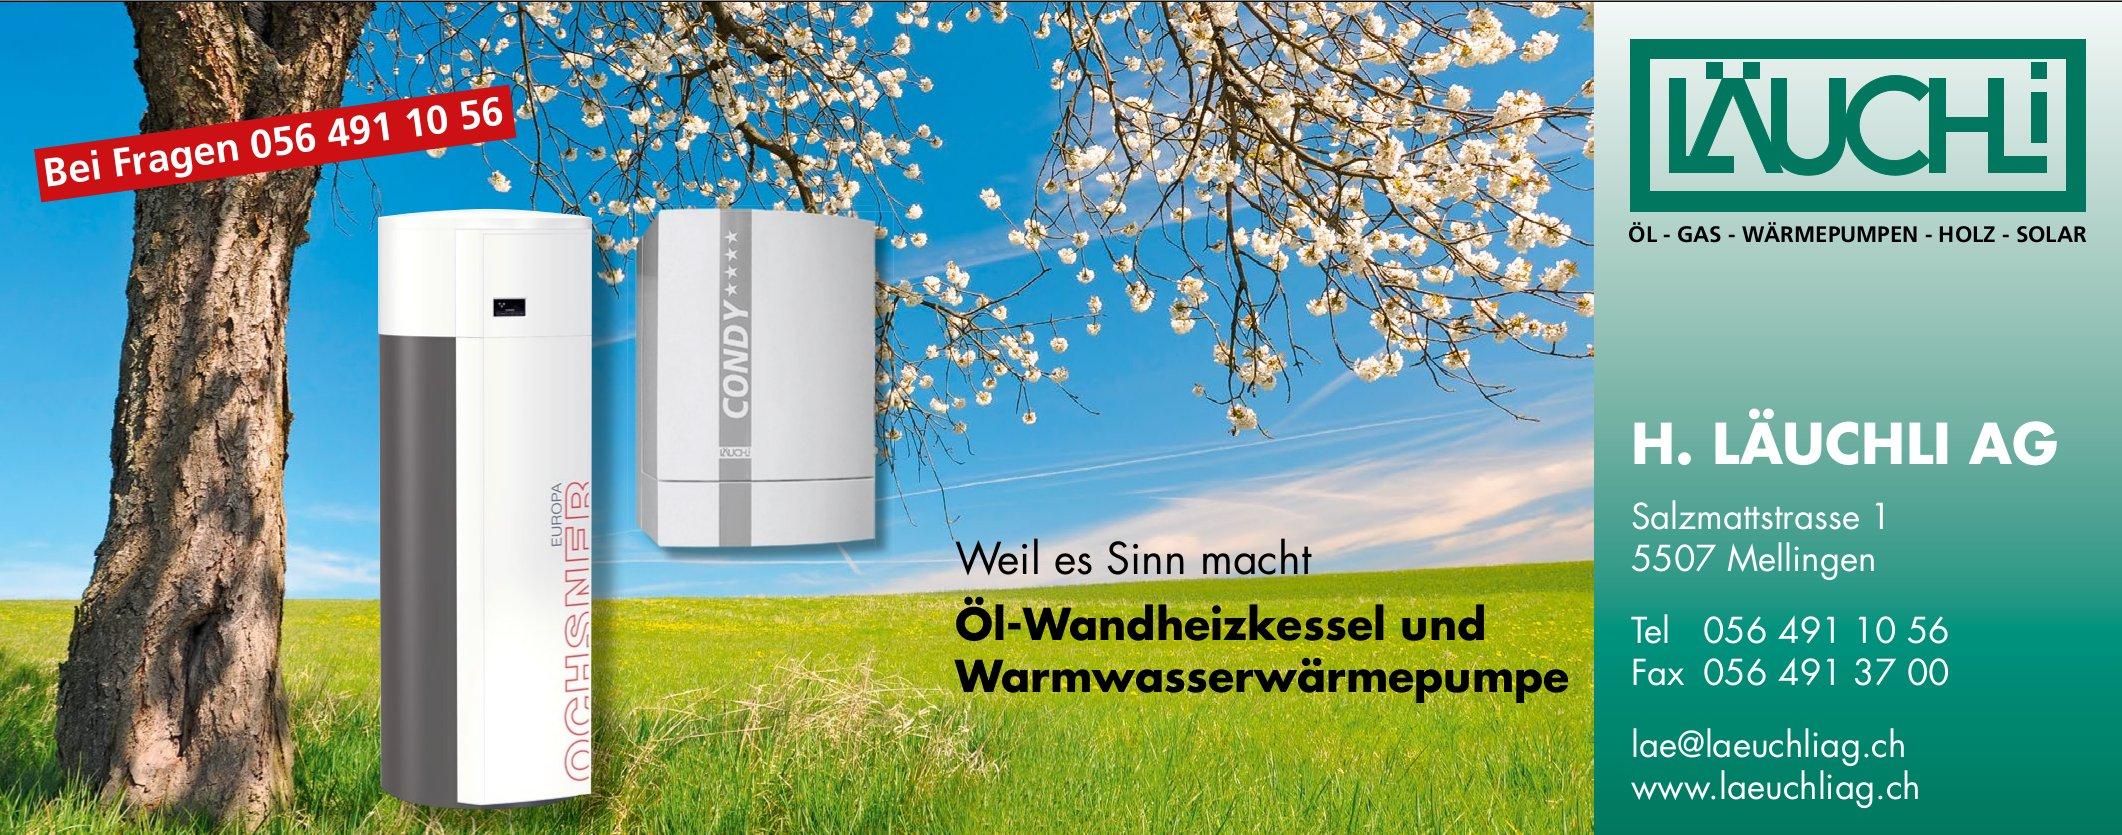 Öl-Wandheizkessel und Warmwasserwärmepumpe, H. Läuchli AG